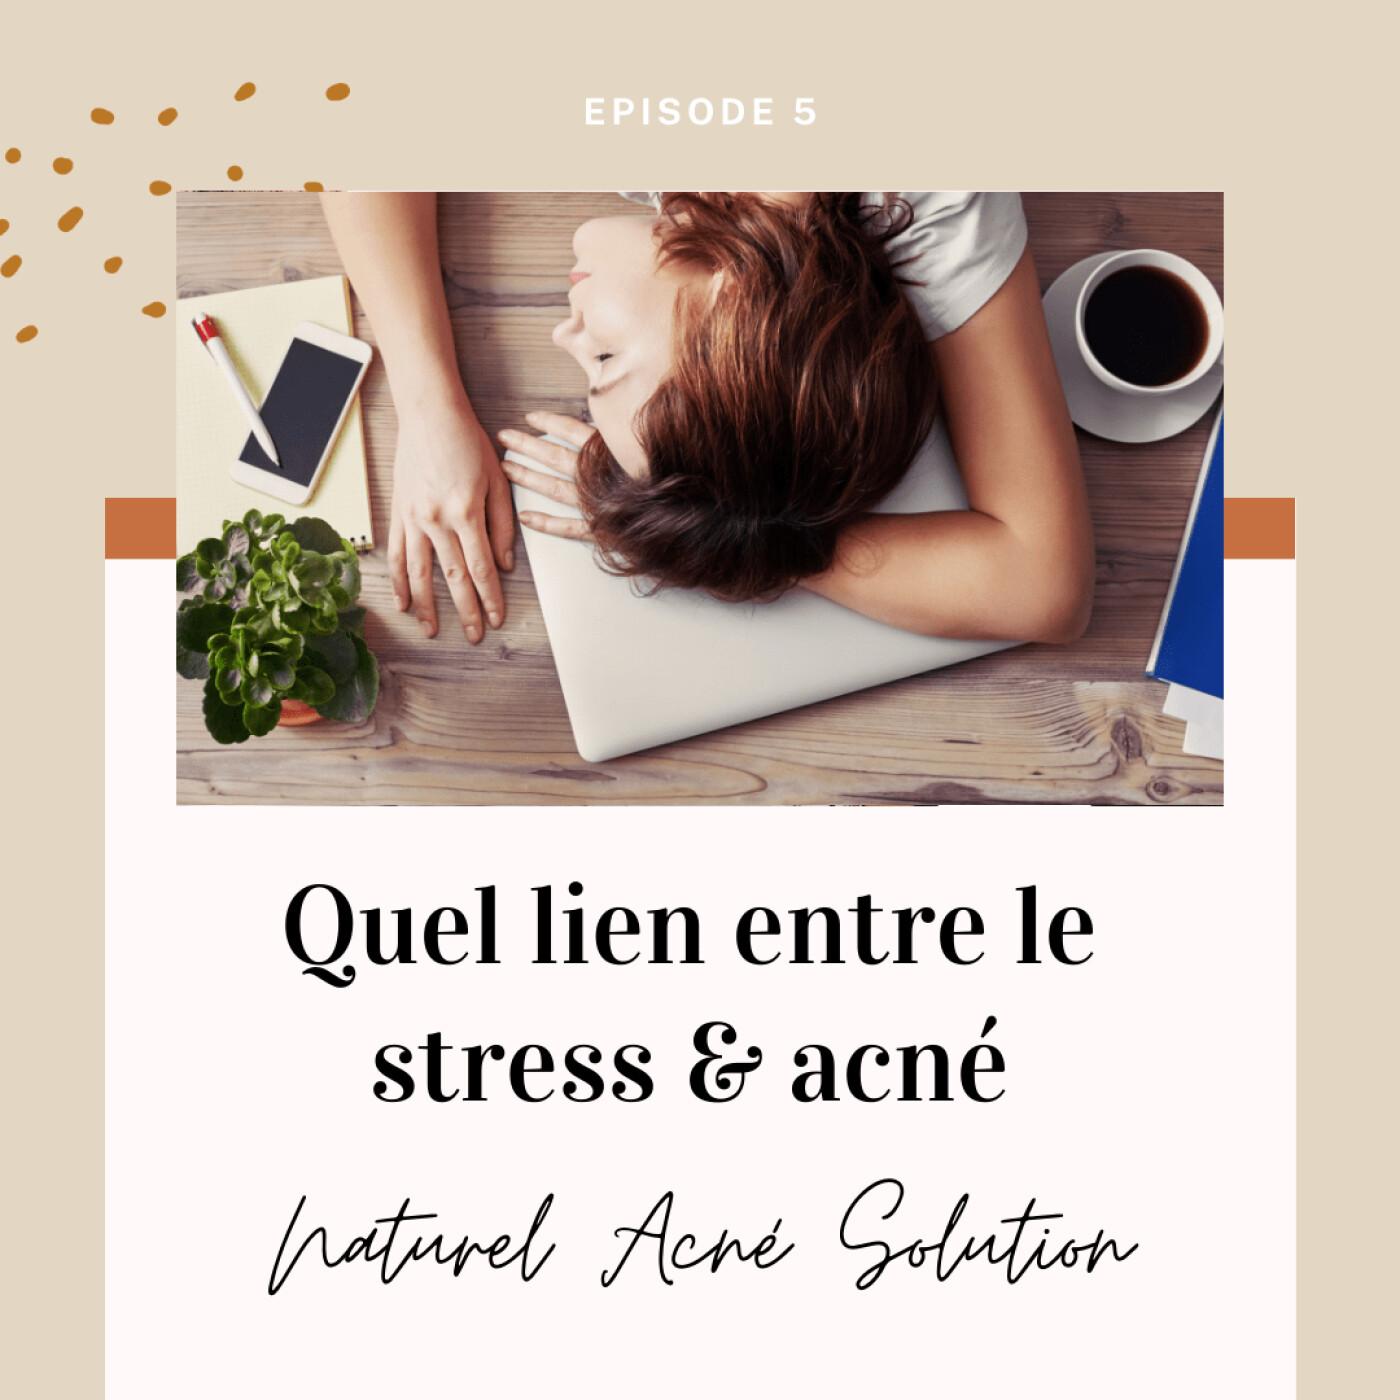 Episode 5 - Quel lien entre le stress & l'acné